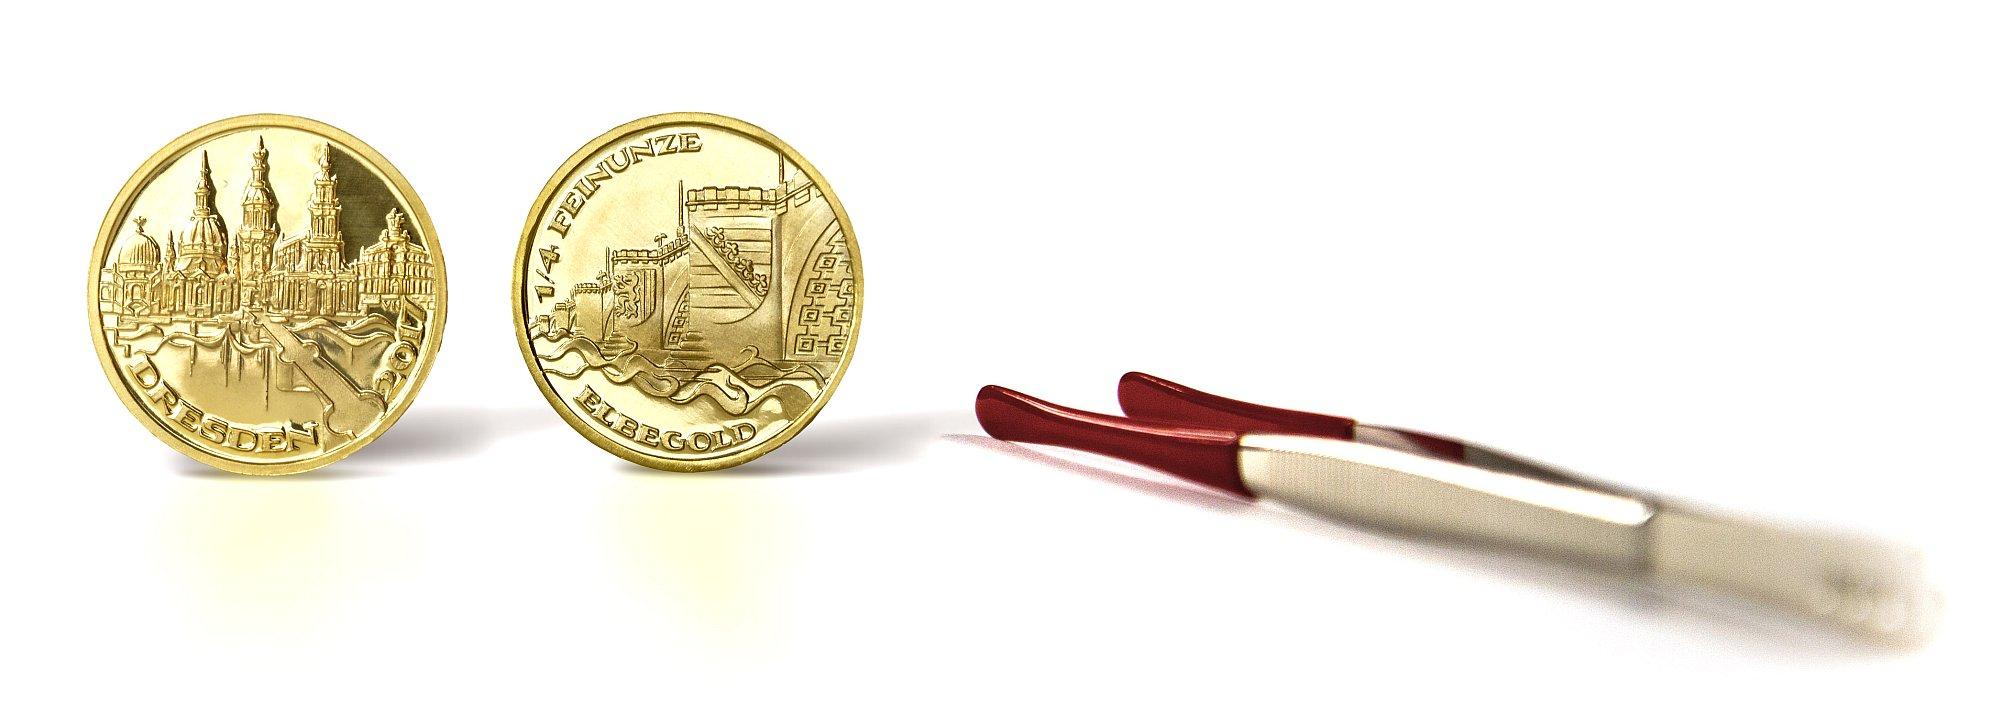 elbegold_coins_pano_pinz_2000px